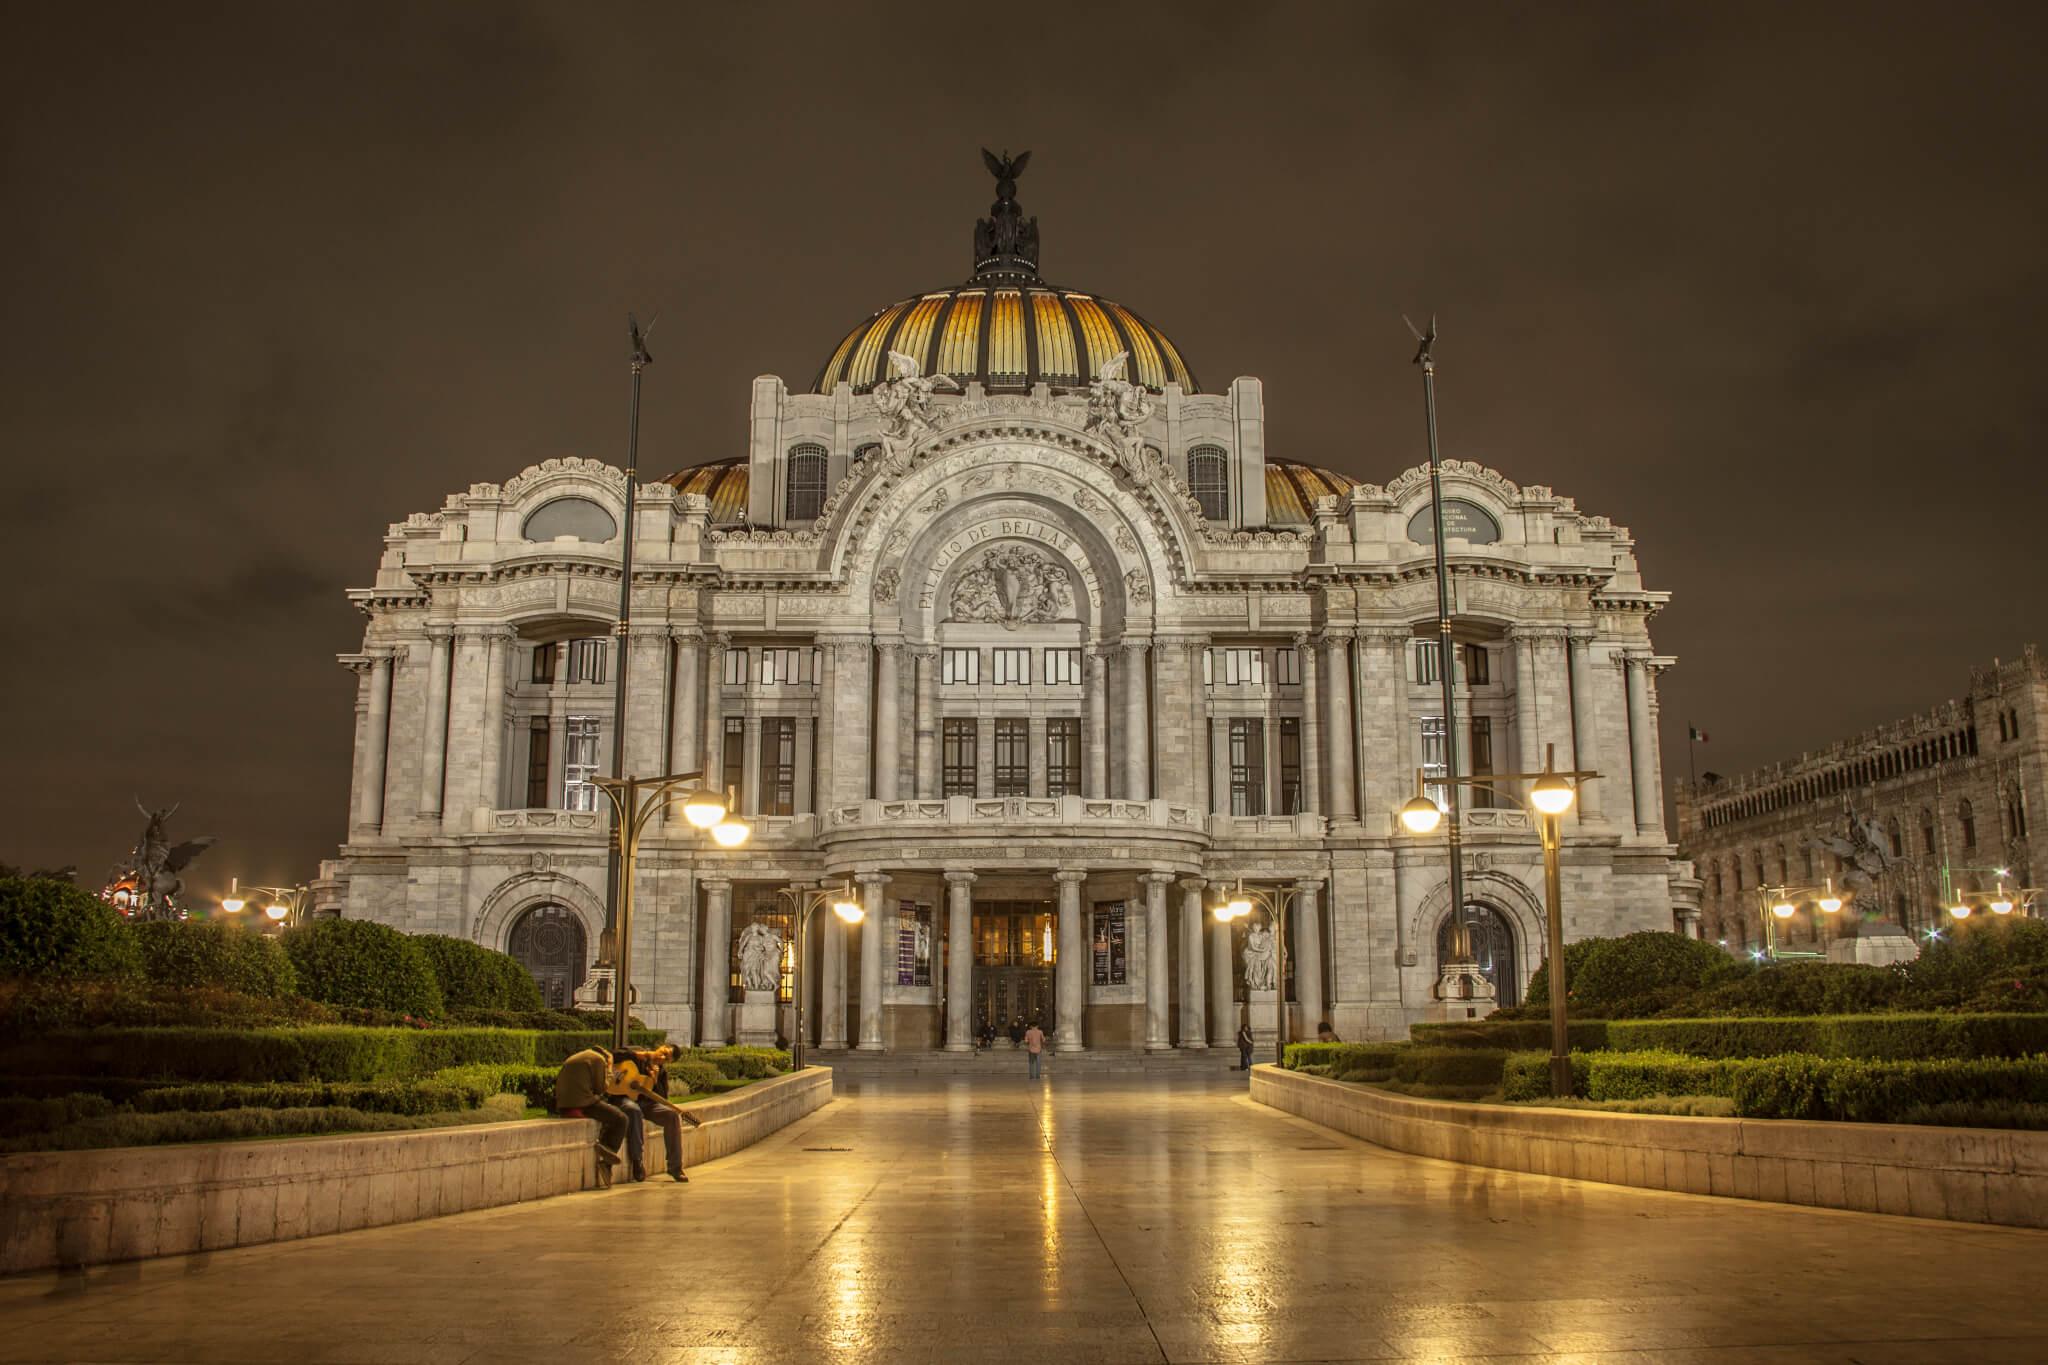 Instituto Nacional de Bellas Artes